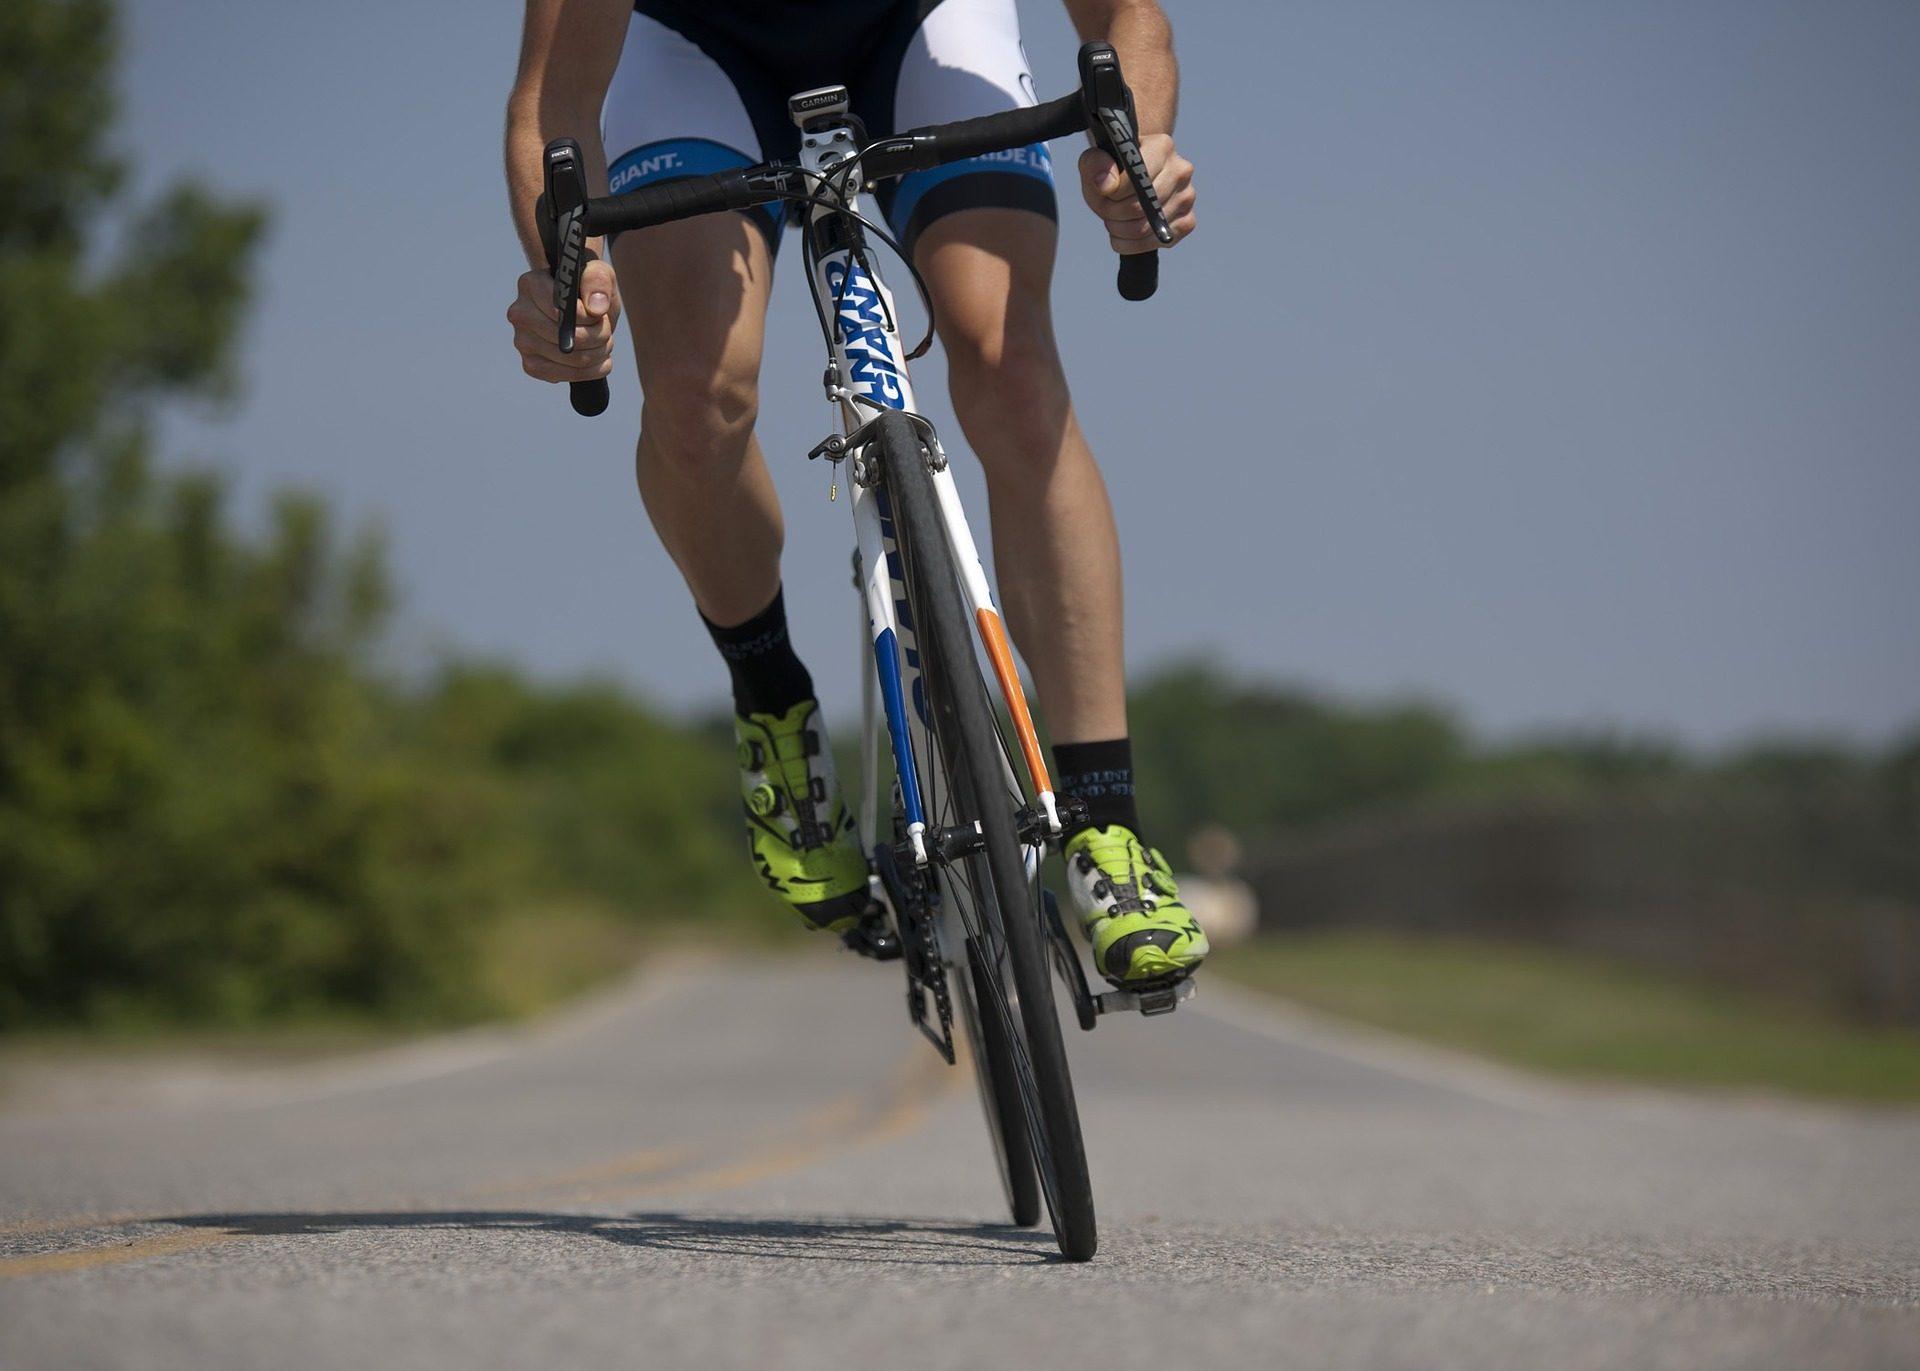 Rompstabiliteitsoefeningen voor wielrenners